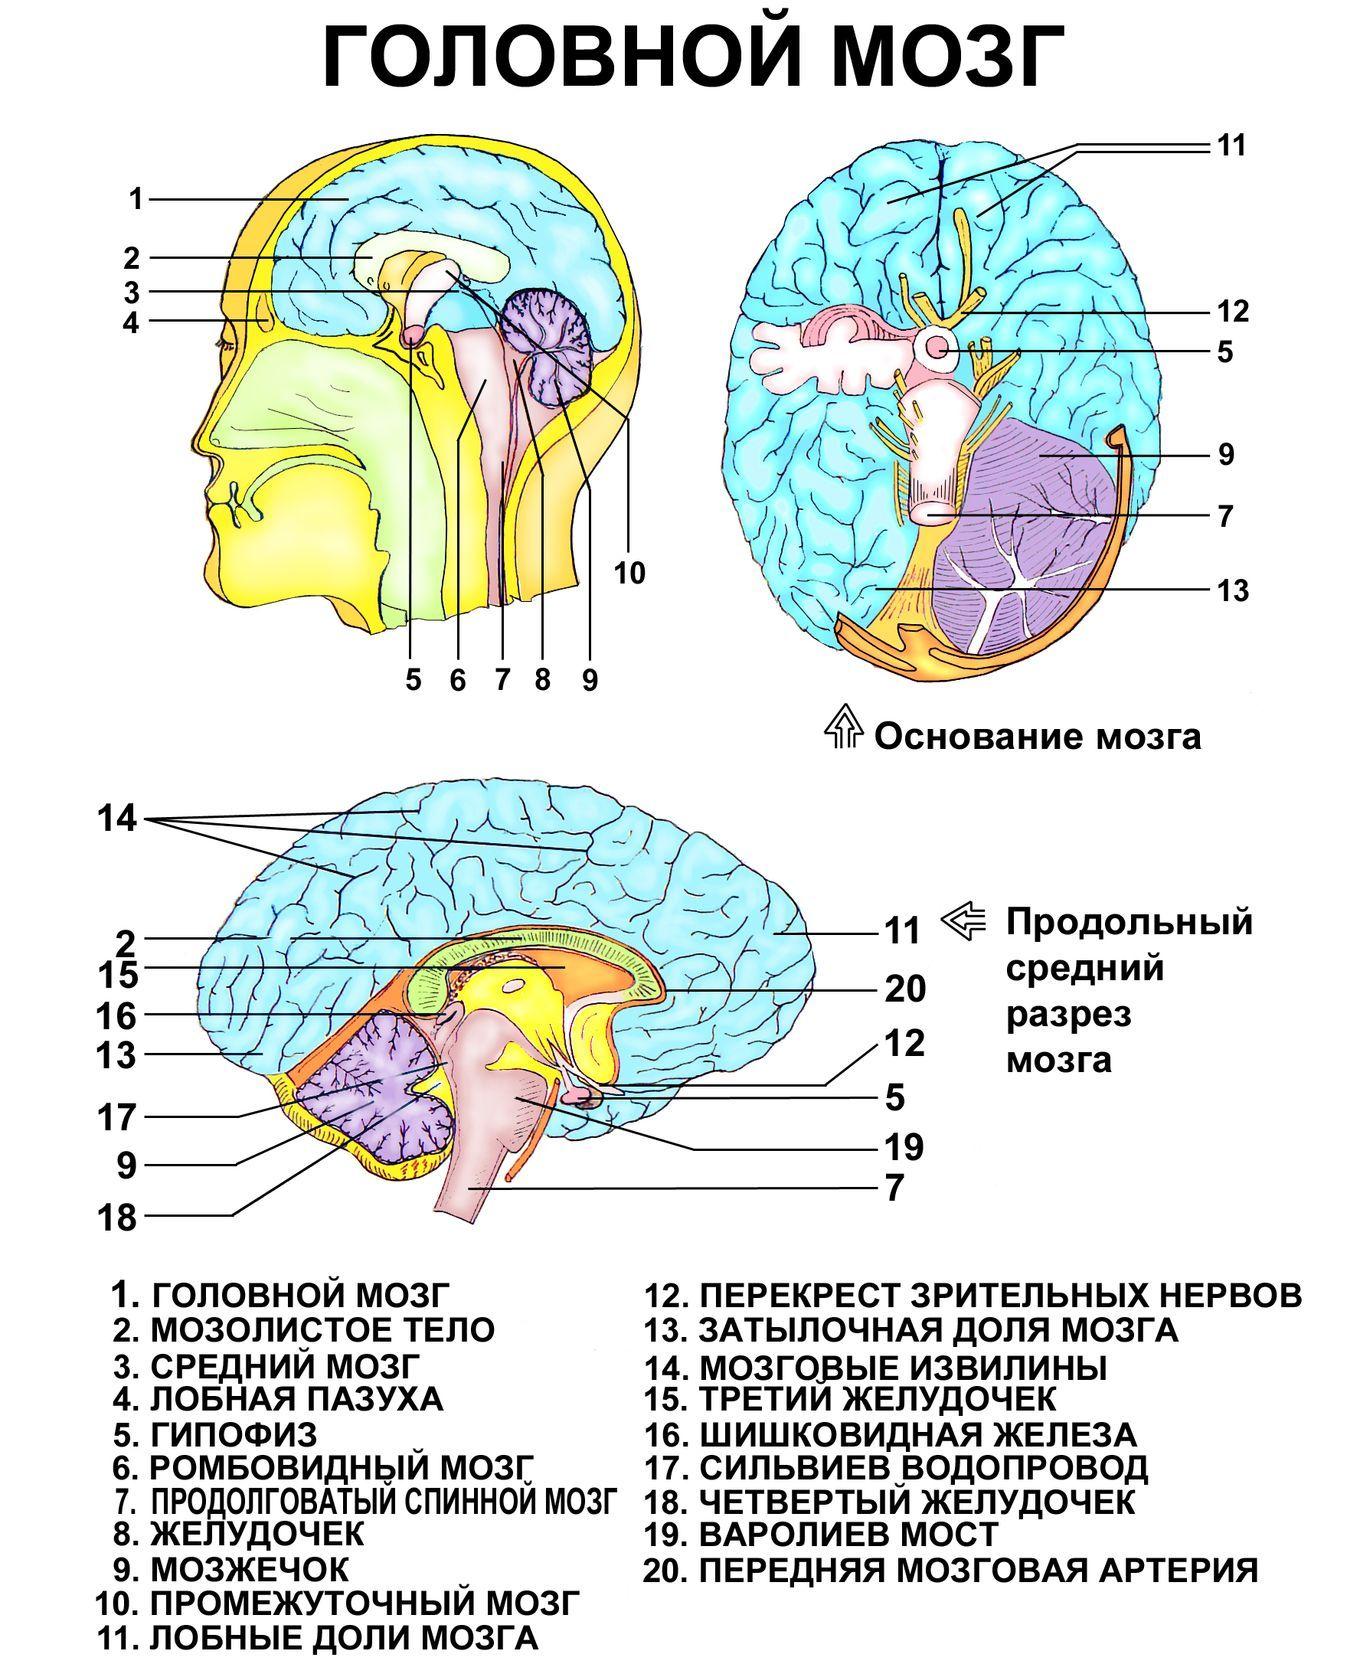 mozg-obshhee-anatomicheskoe-stroenie-golovnogo-mozga-infografika...